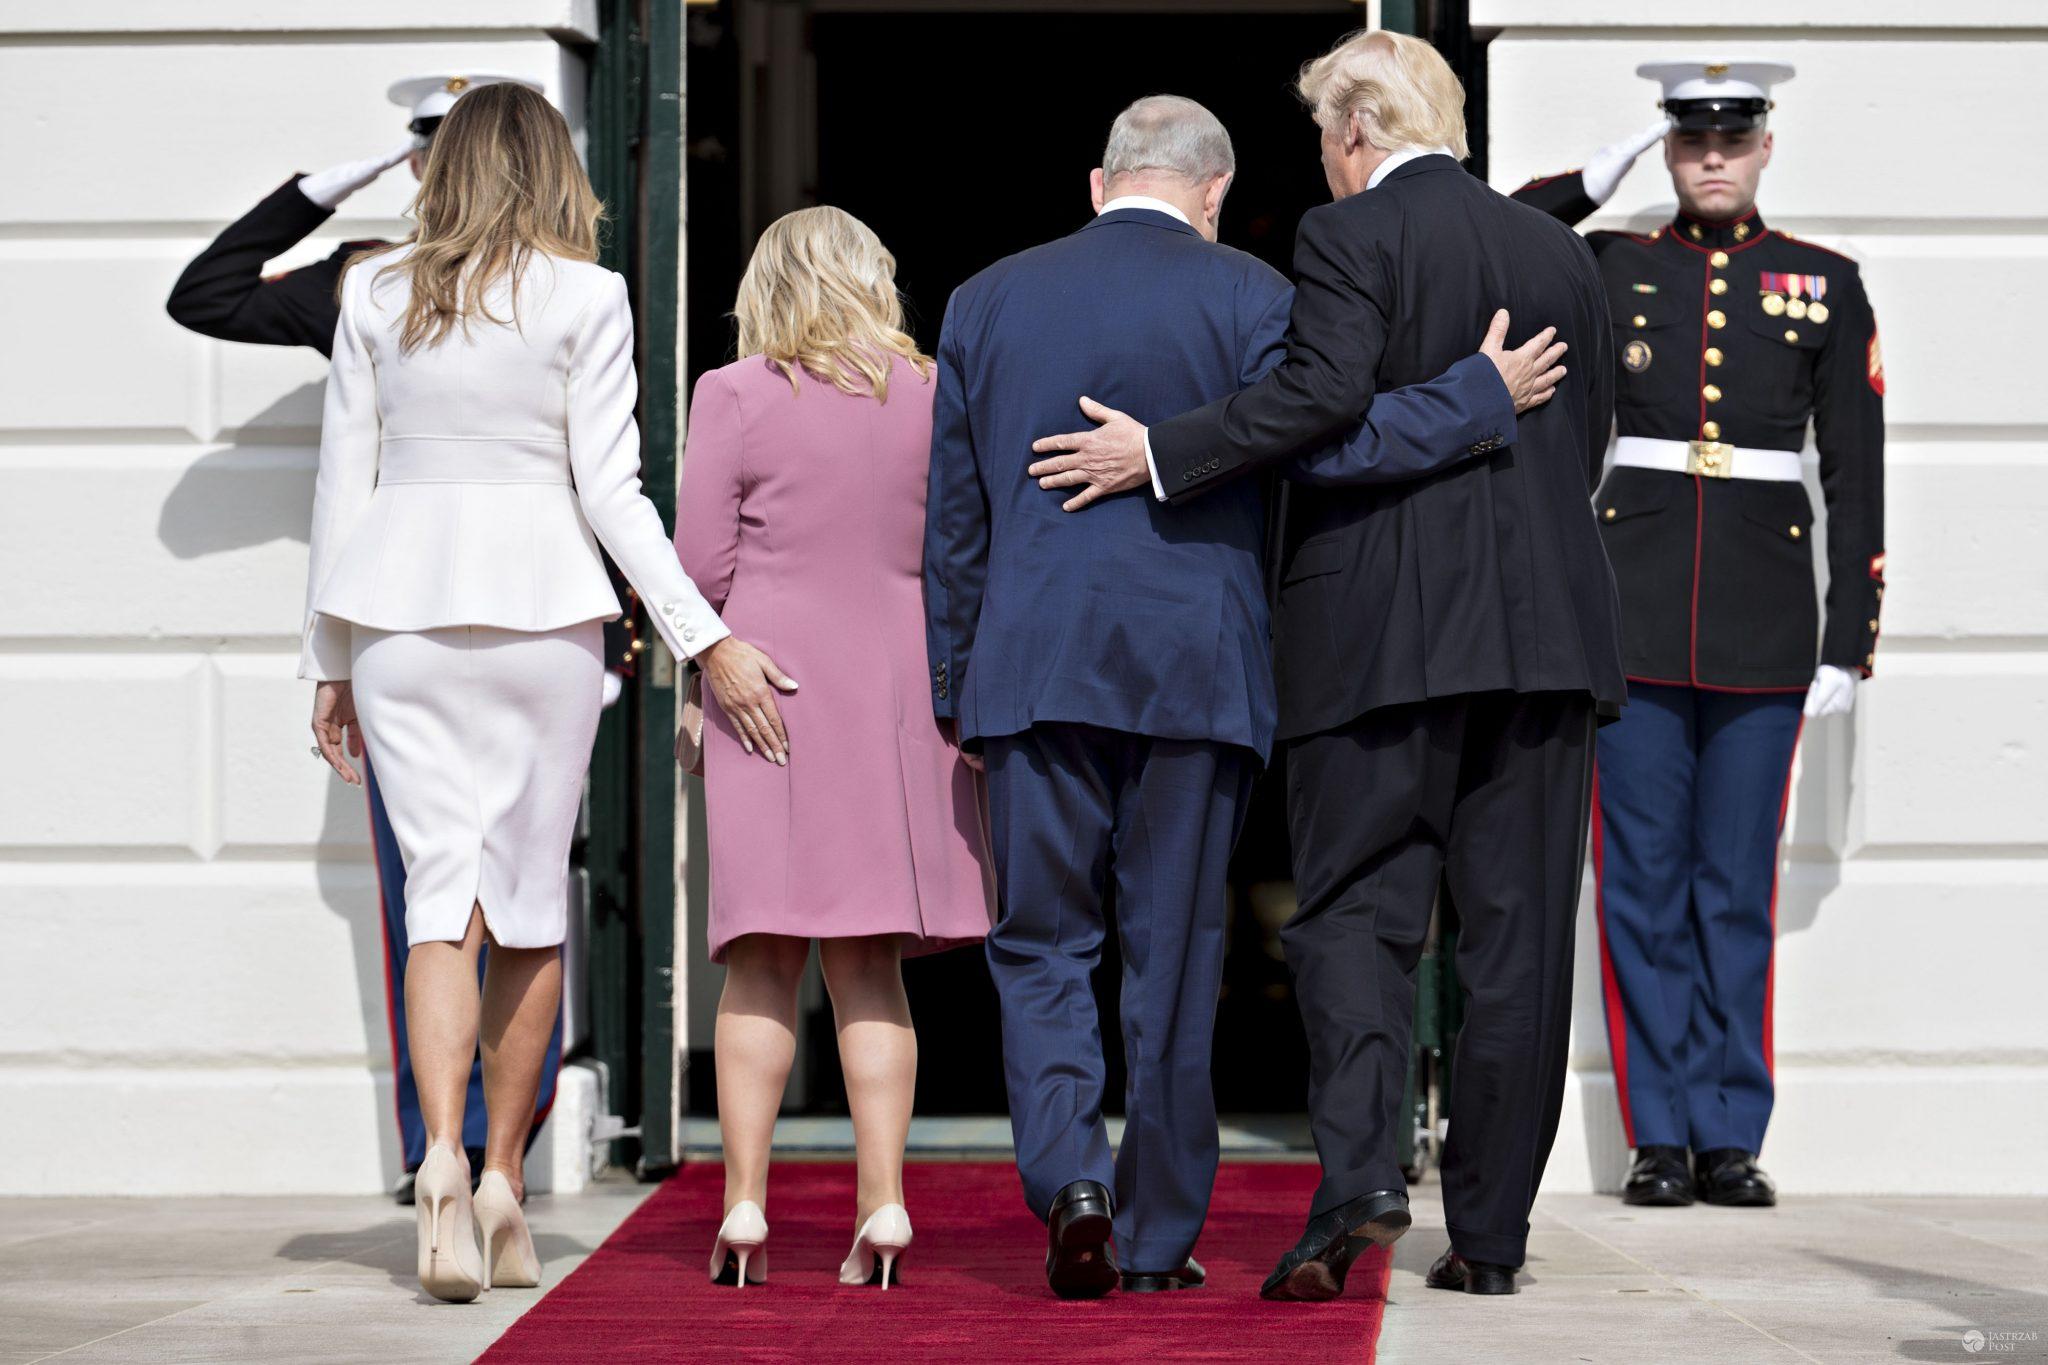 Dłoń Melanii Trump znalazła się przypadkowo na pupie żony premiera Izraela, Sary Netanjahu